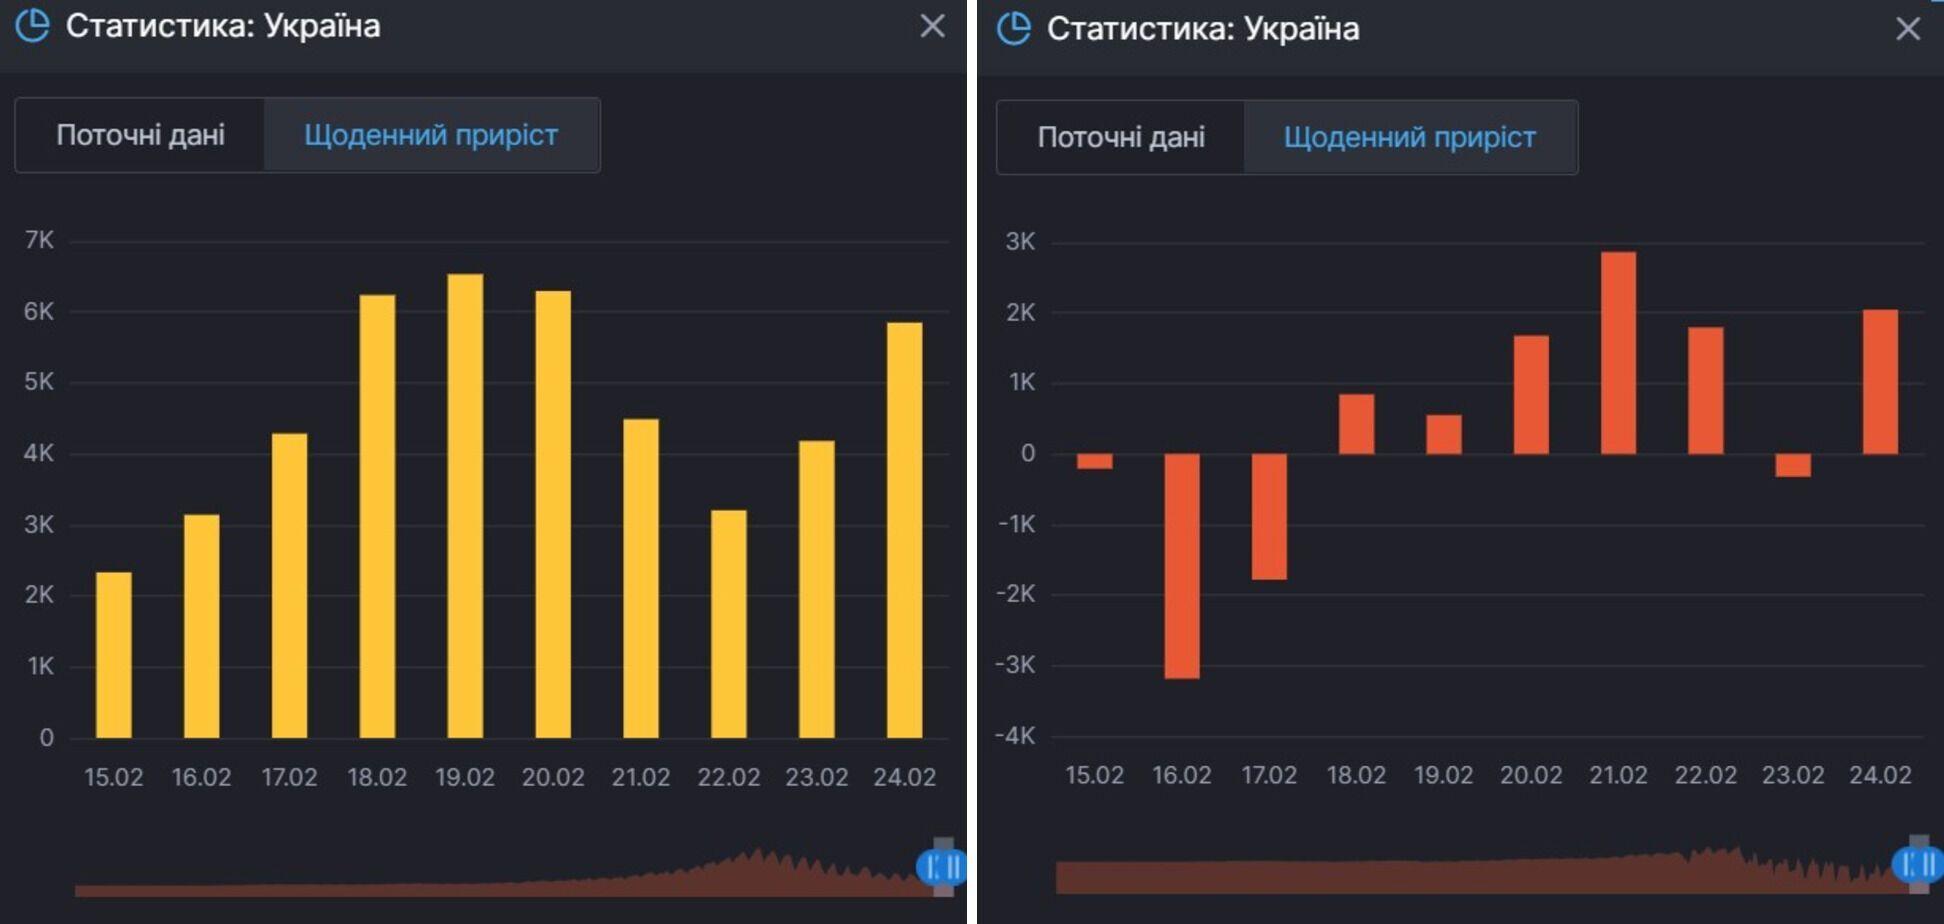 Ежедневный прирост инфицирований COVID-19 и тех, кто болеет им в Украине